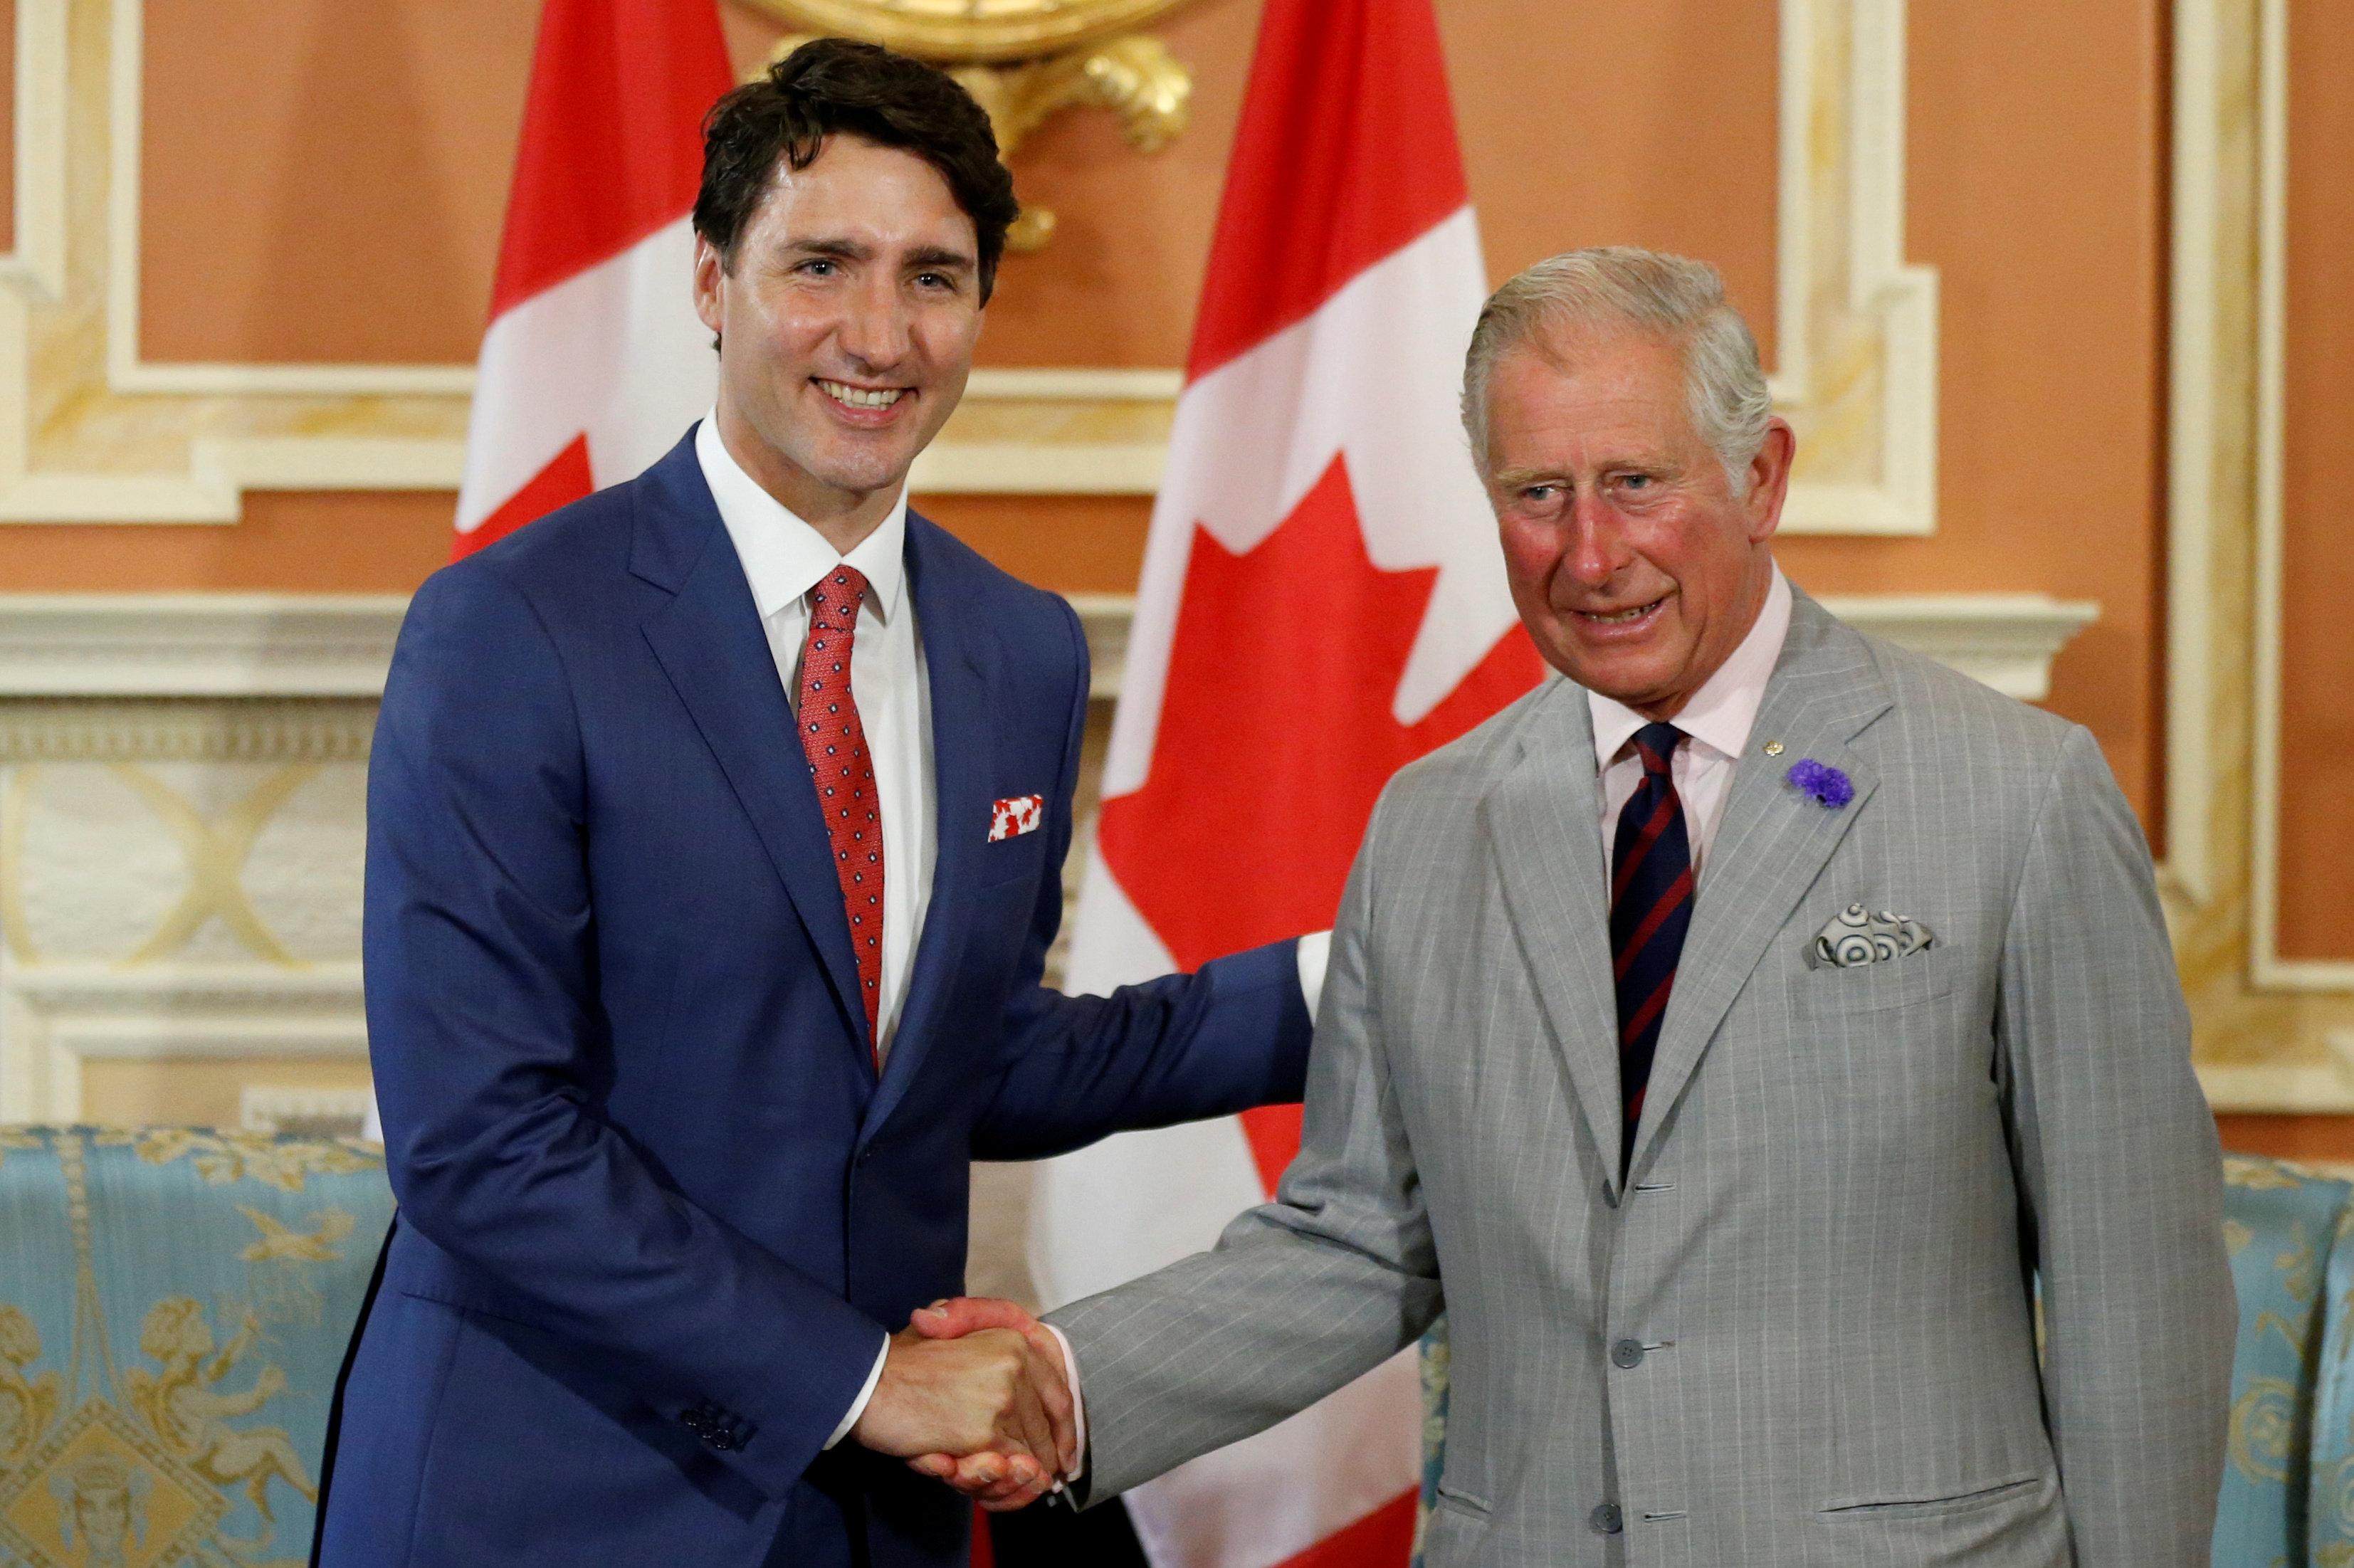 2017-07-01T153339Z_1636596410_RC1E07A4F1B0_RTRMADP_3_CANADA-POLITICS-150